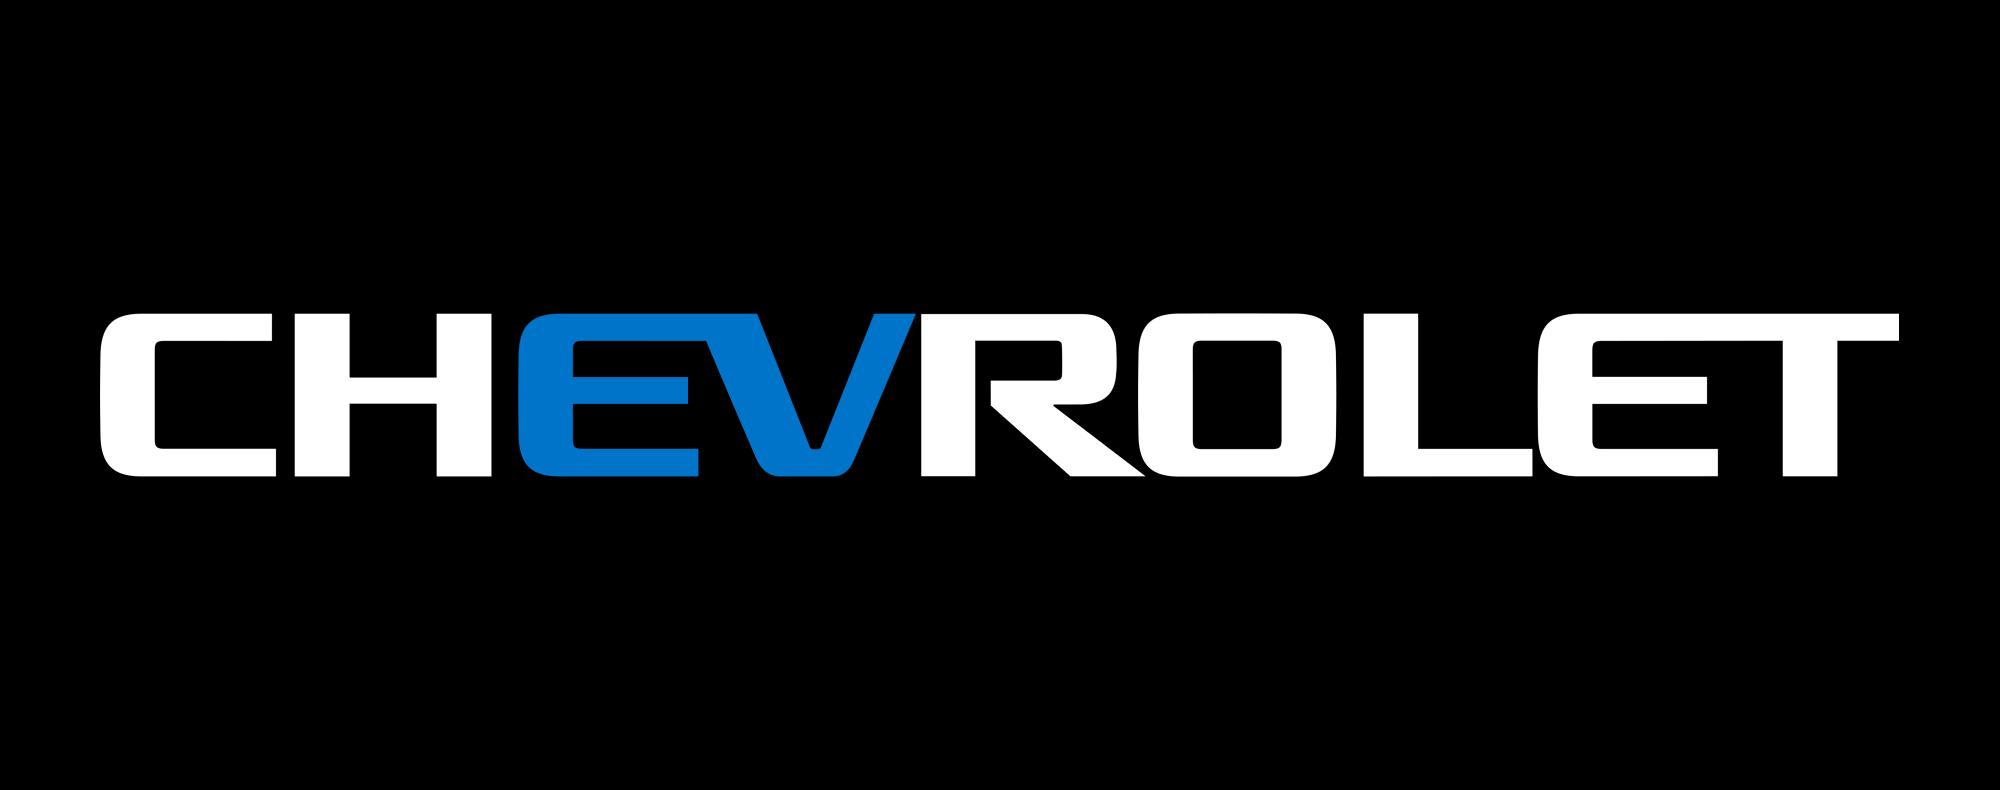 www.chevrolet.com